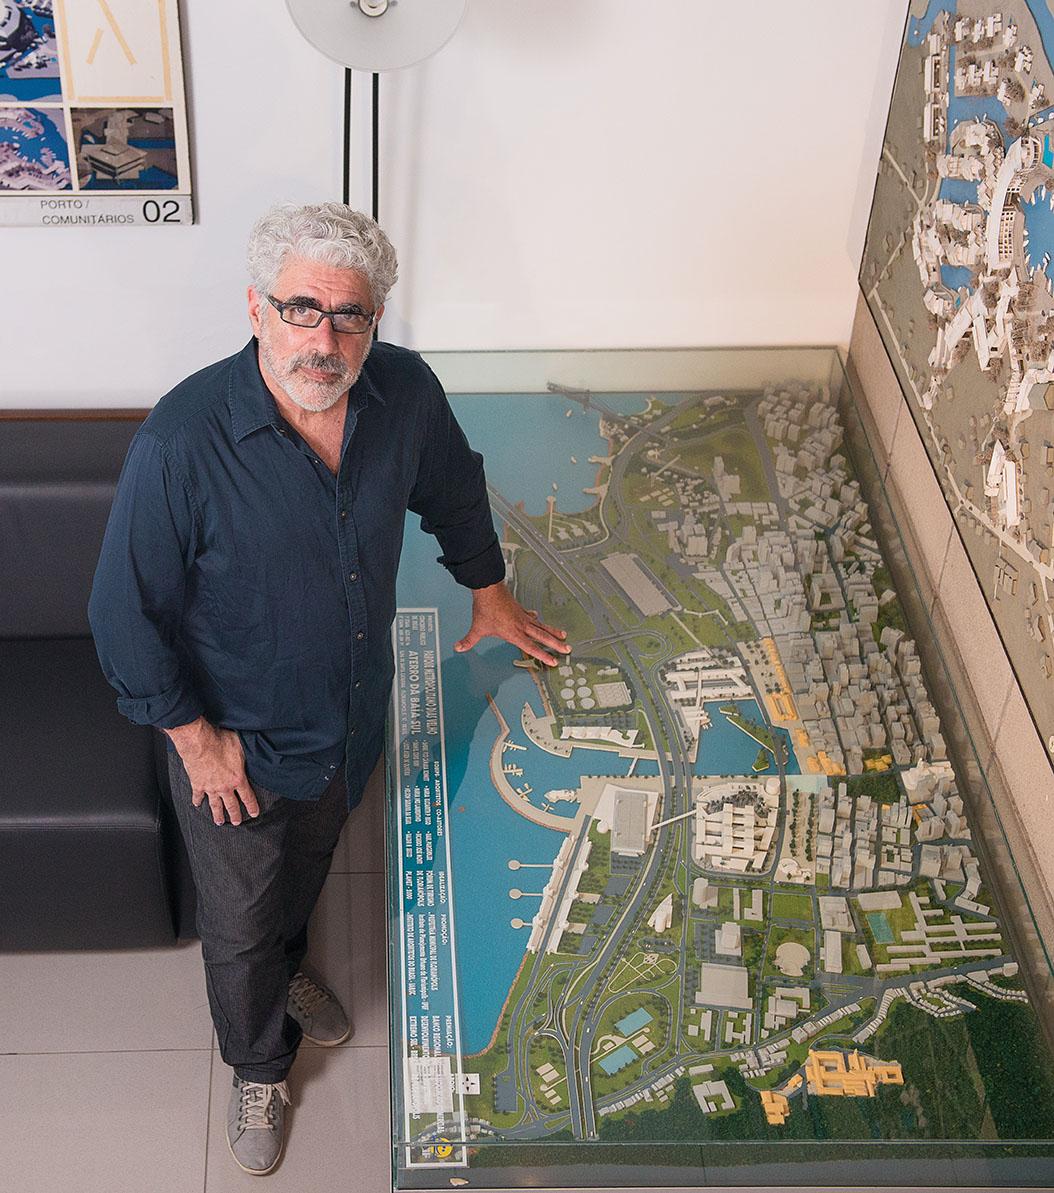 Arquiteto André Schmitt recebe homenagem do município de Florianópolis